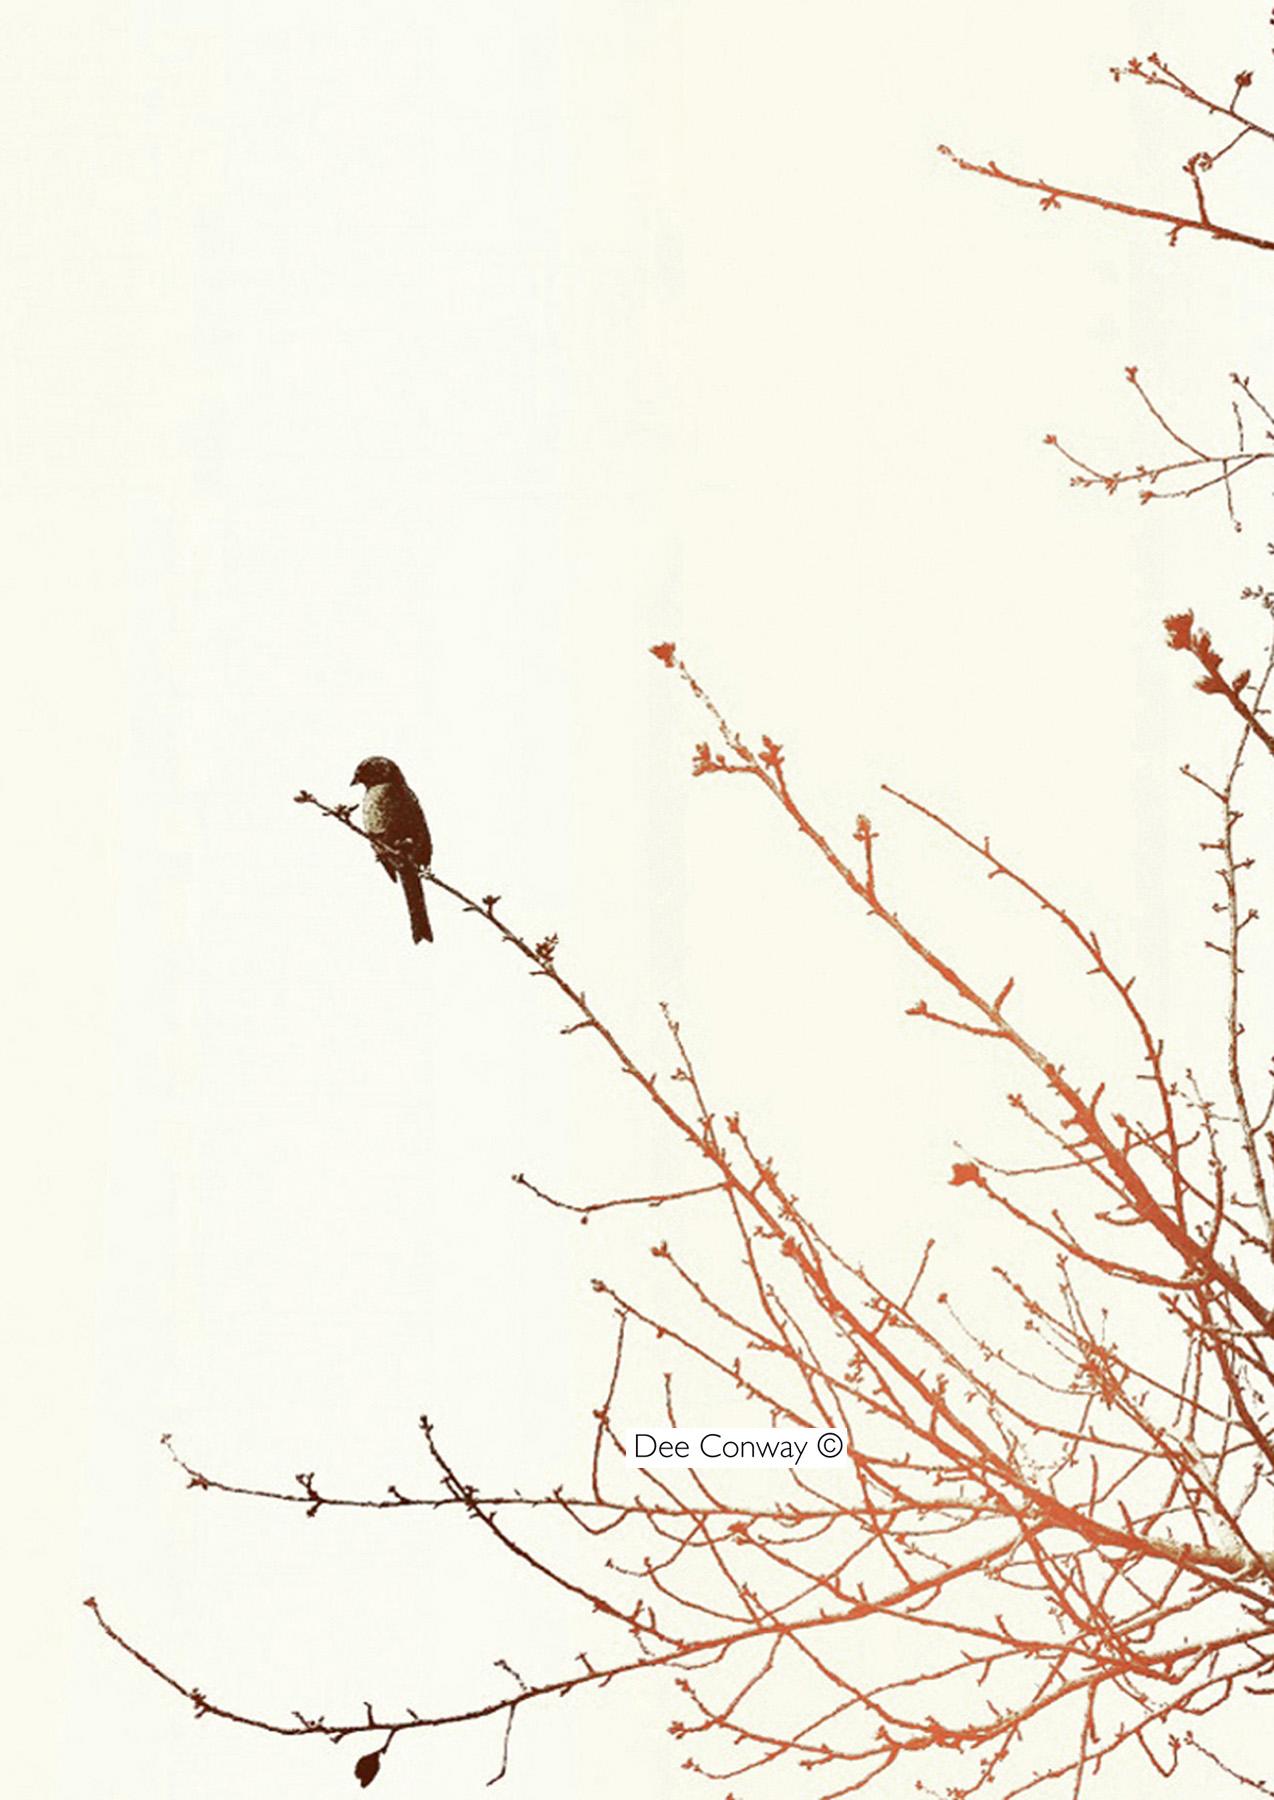 5.BirdOrange copy.jpg